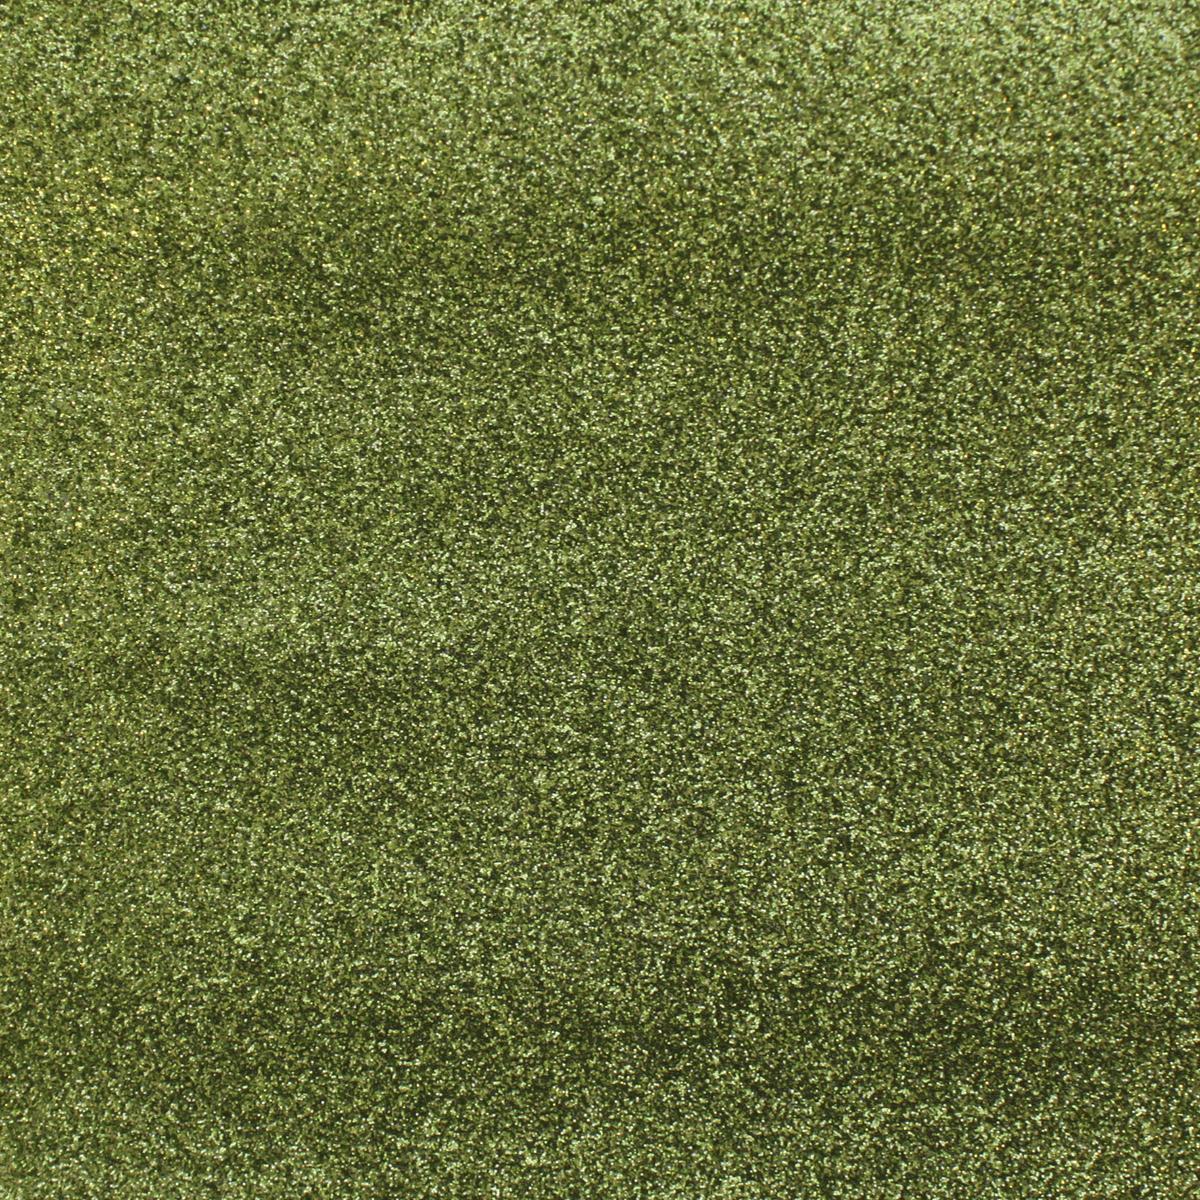 Ткань для рукоделия Ki Sign, с глиттером, цвет: зеленый, 70 х 45 см7716492_43 зеленыйТкань для рукоделия Ki Sign с глиттером (55% ПВХ, 45% полиэстер) предназначена для шитья текстильных кукол и игрушек, пэчворк-работ, для квилтинга и скрапбукинга. Такая ткань удобна в раскрое, не скользит, легко стирается и достаточно прочная.